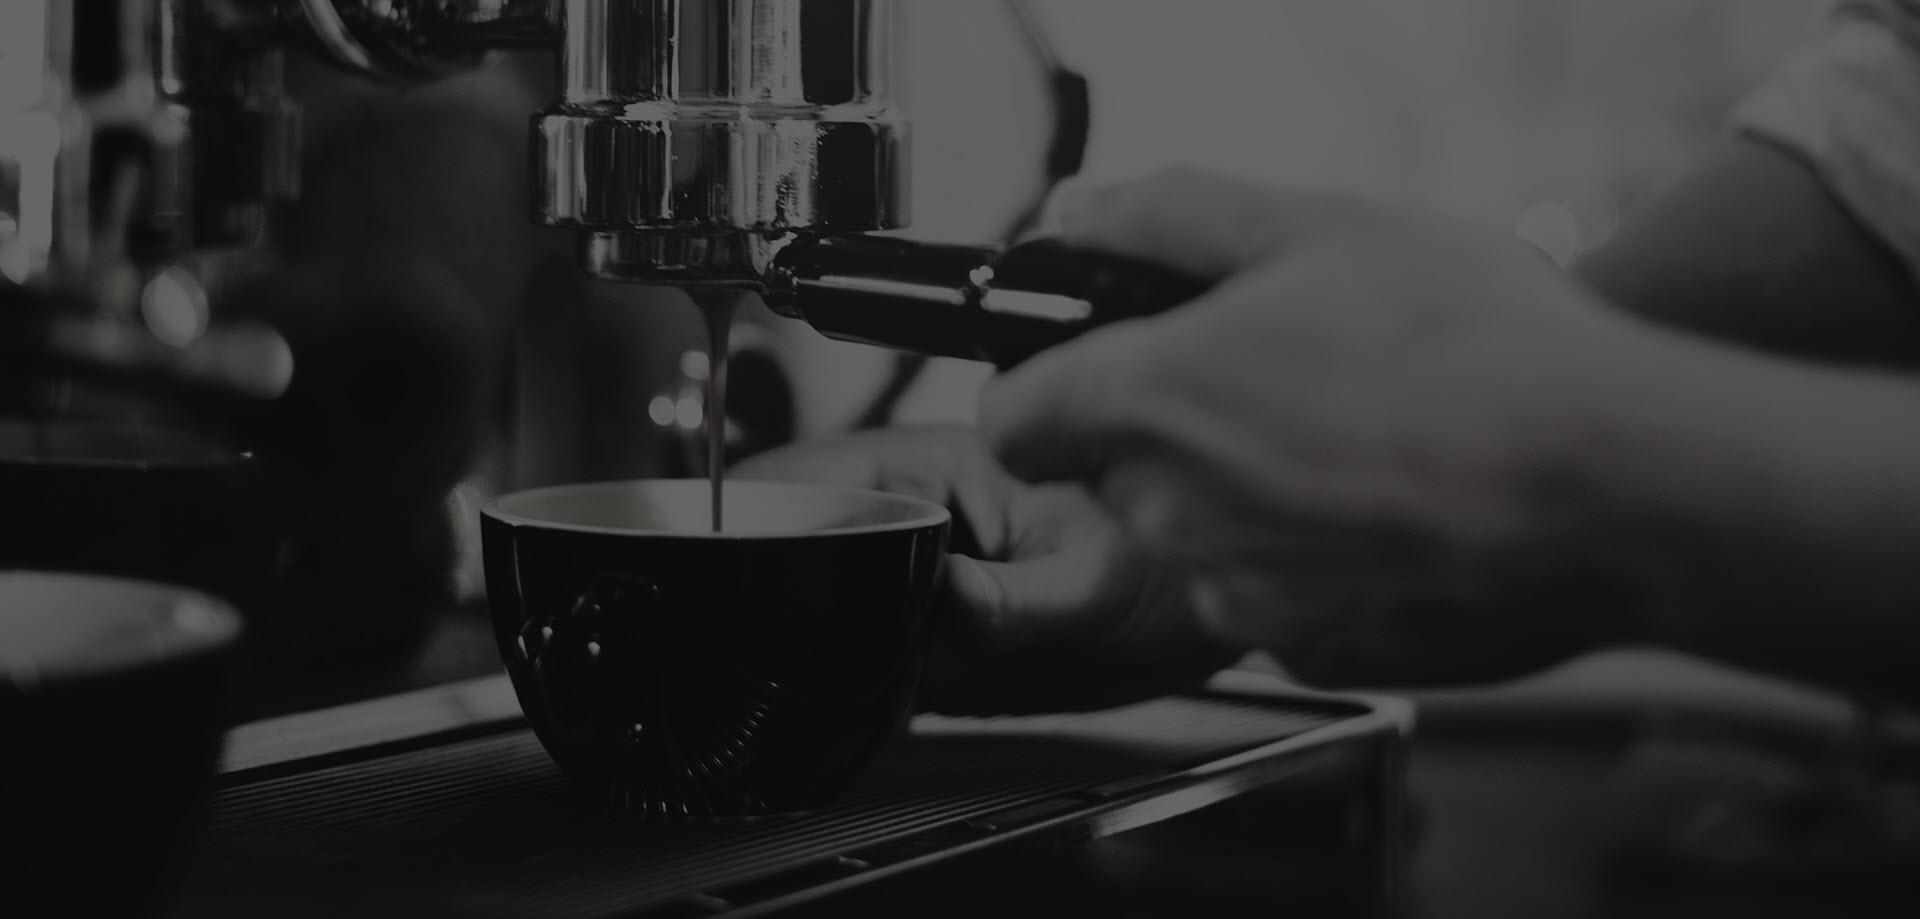 Fooday Coffee